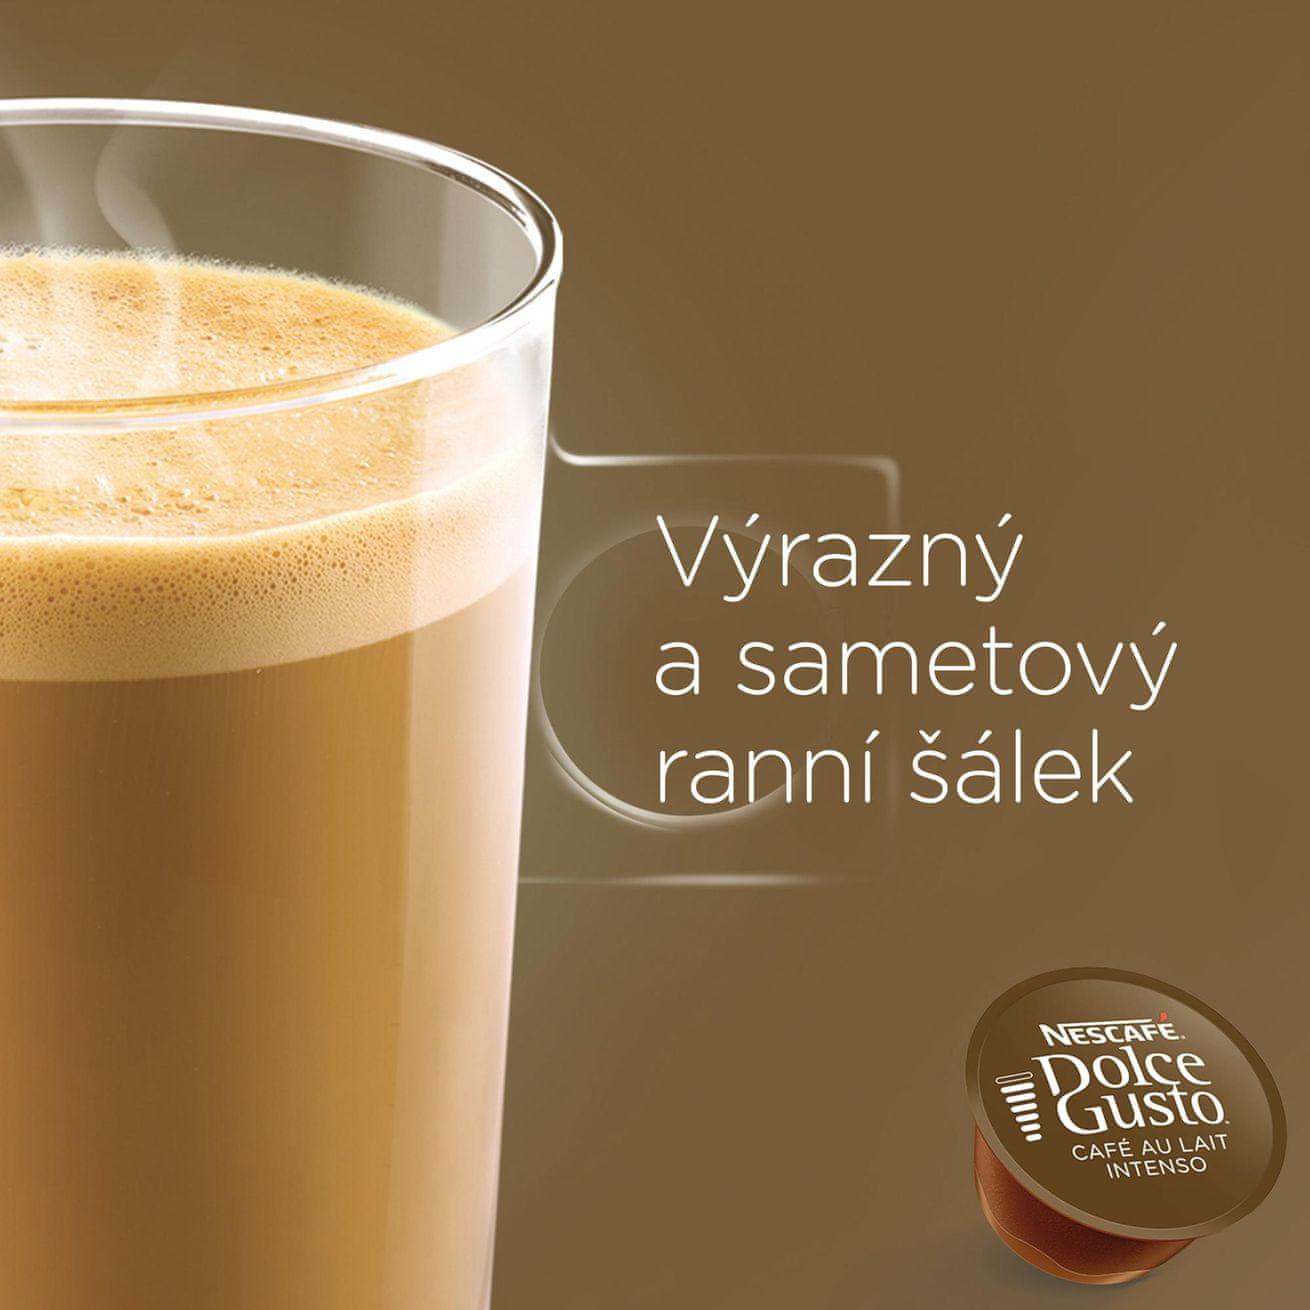 NESCAFÉ Dolce Gusto Café au Lait osobitá káva